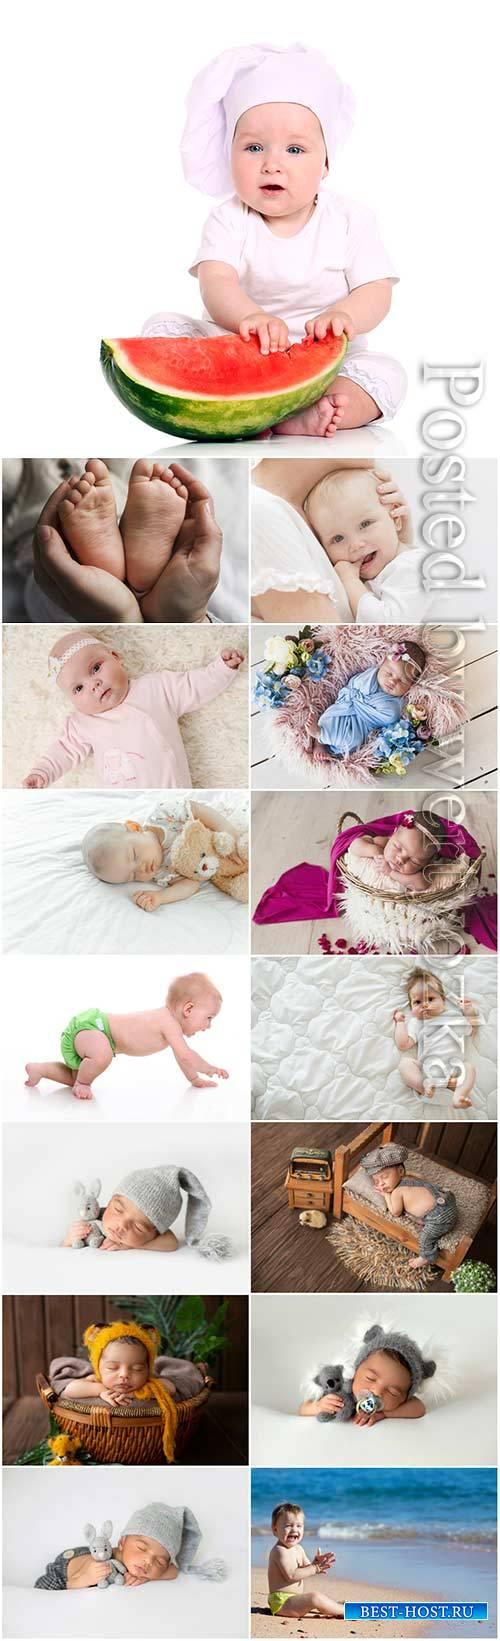 Little kids stock photo set